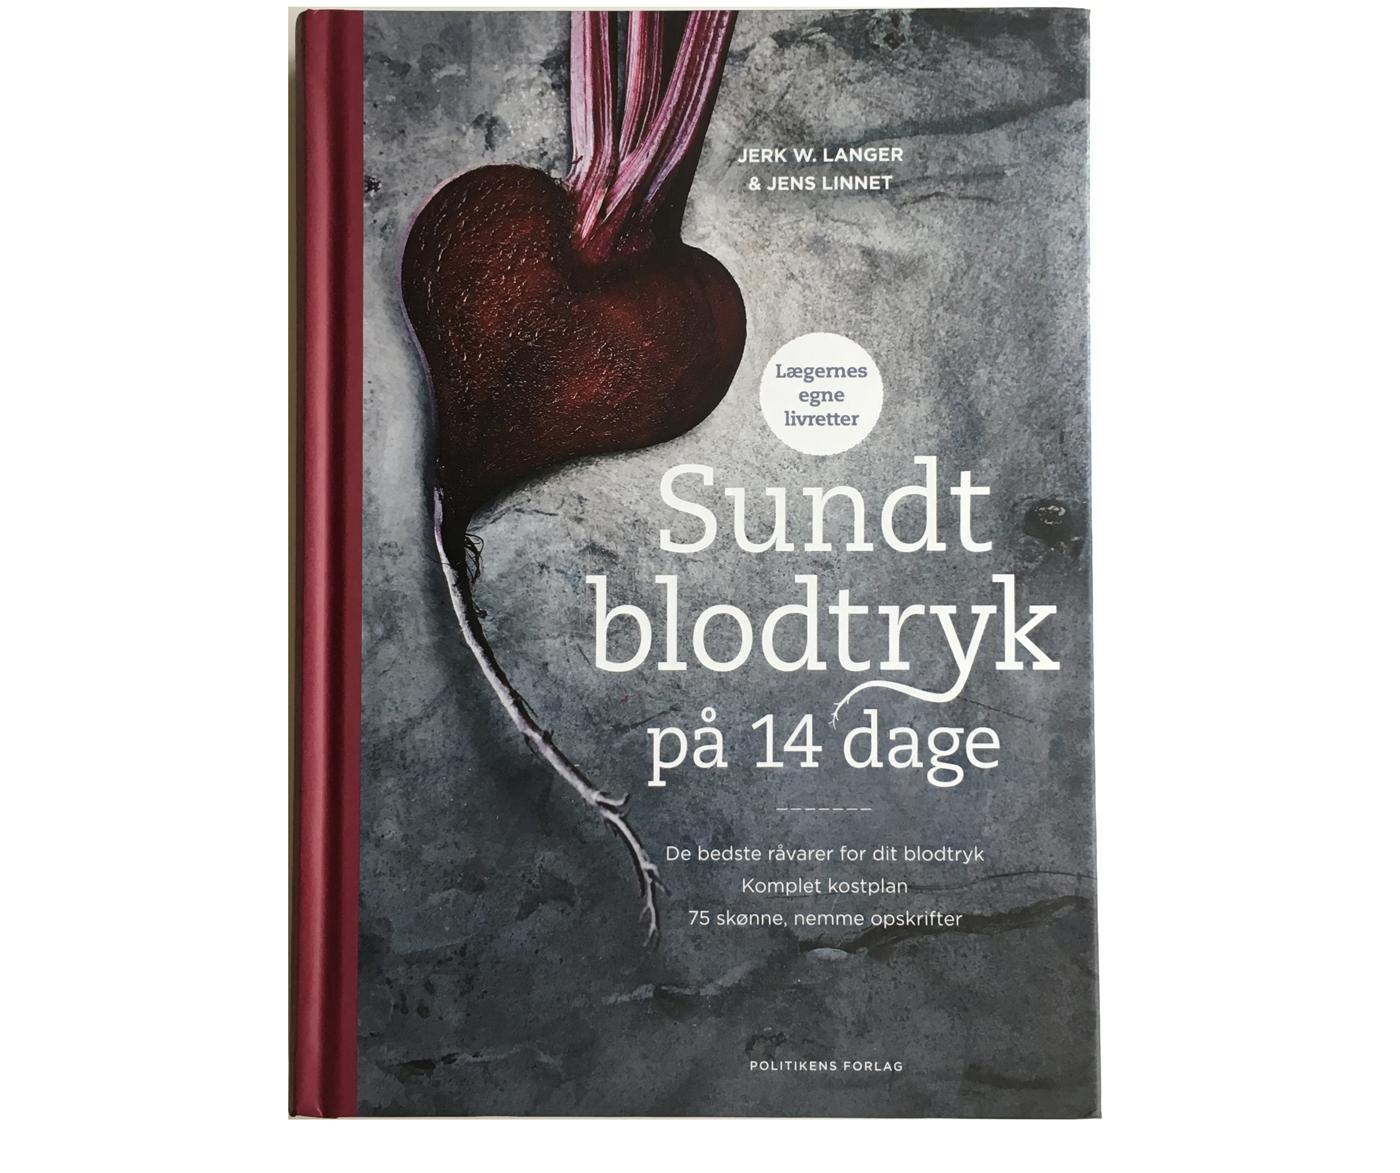 Blodtryksbog-COVER